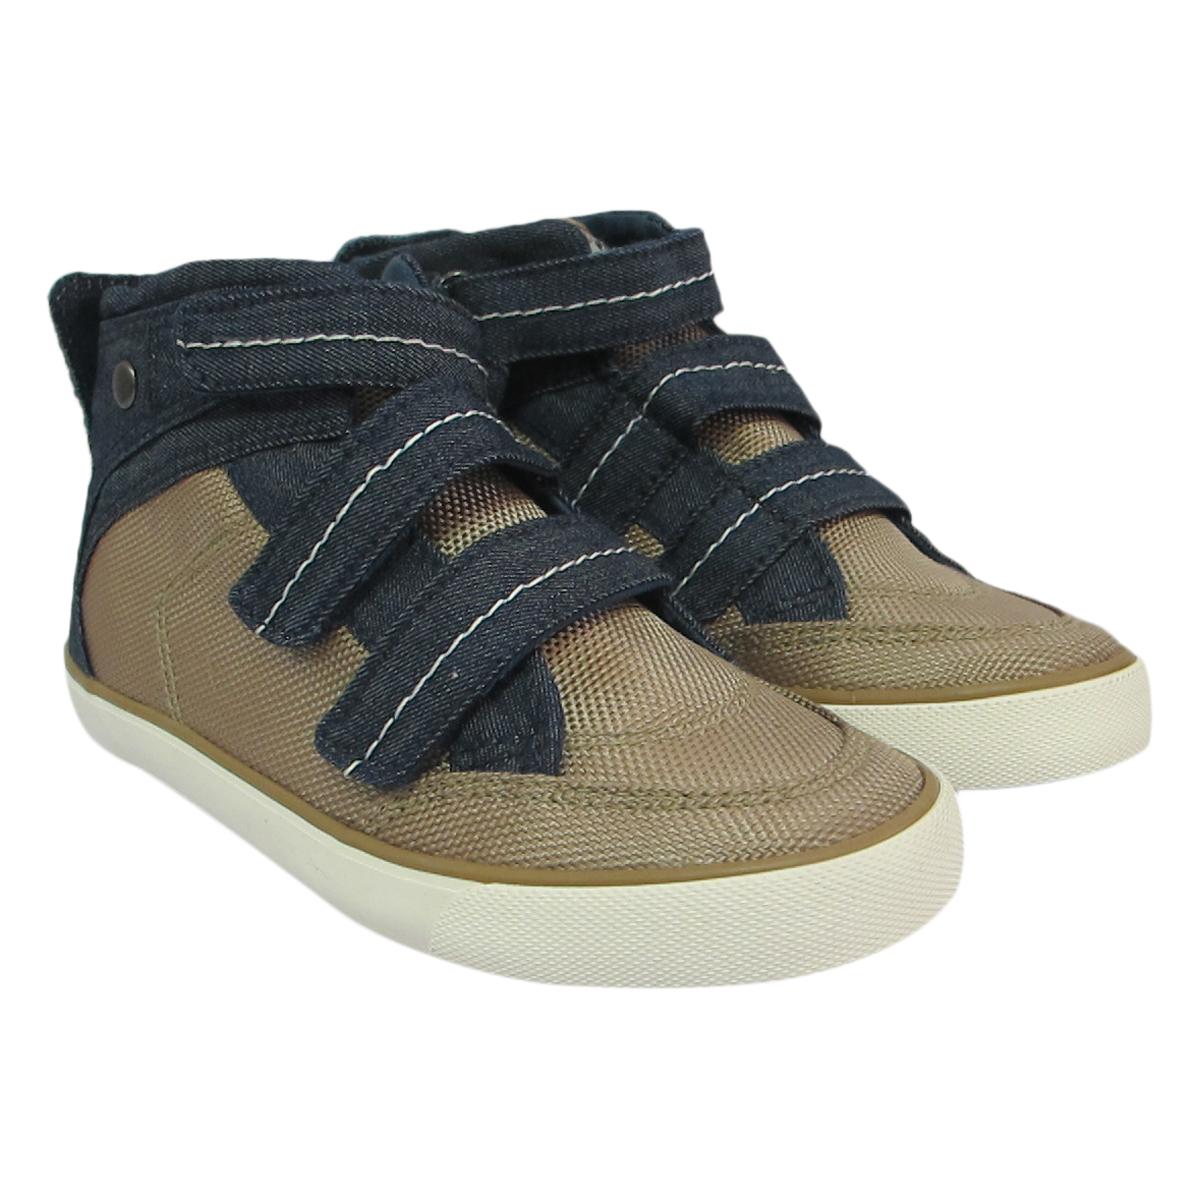 Giày Sneaker Cổ Cao Bé Trai DA B1505 - Vàng Phối Xanh